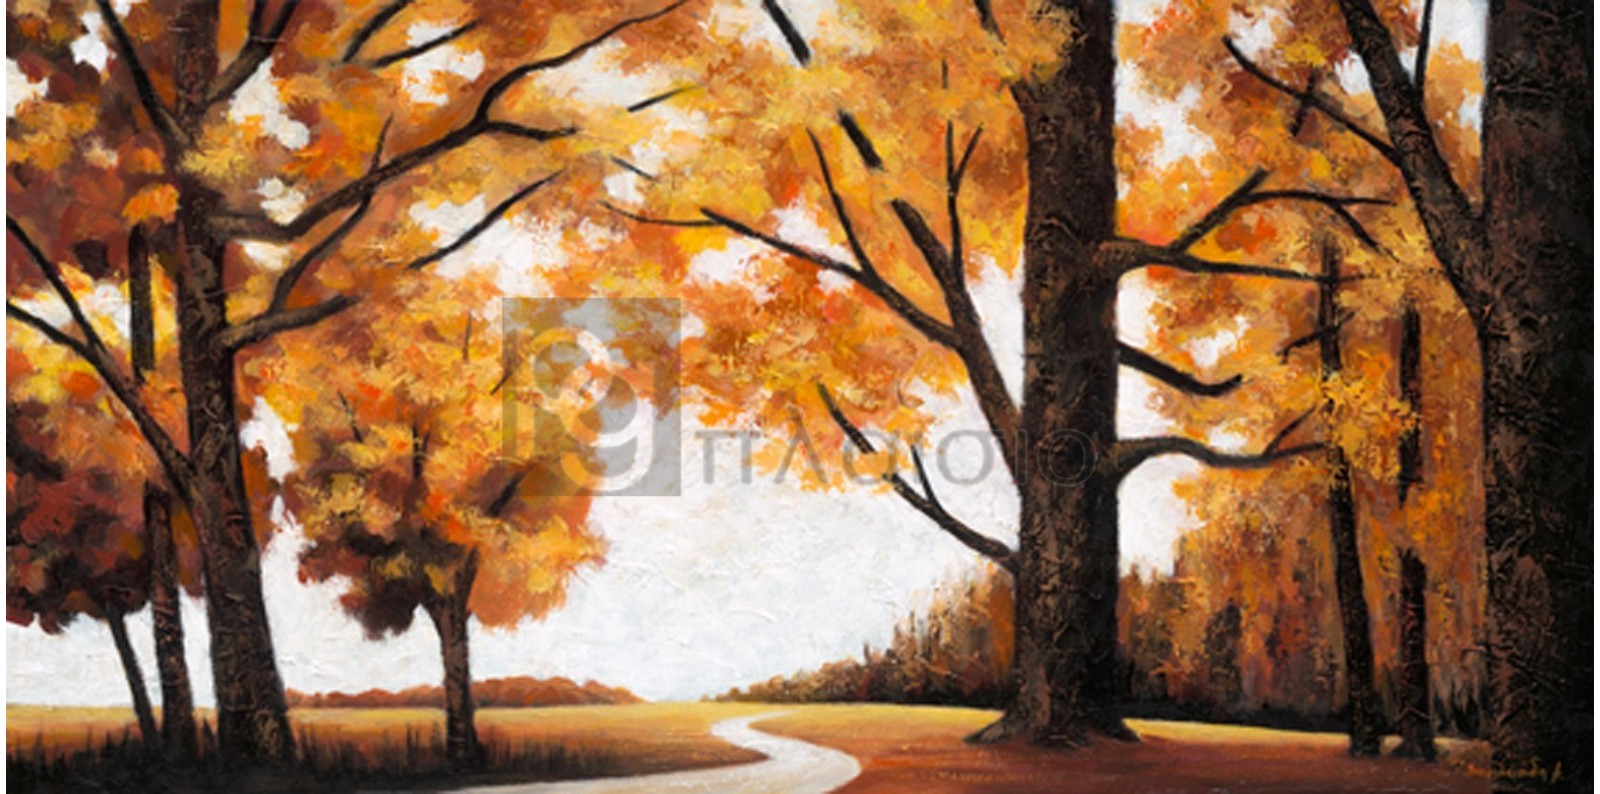 Βασιλειάδου Α. - Φθινόπωρο στο δάσος